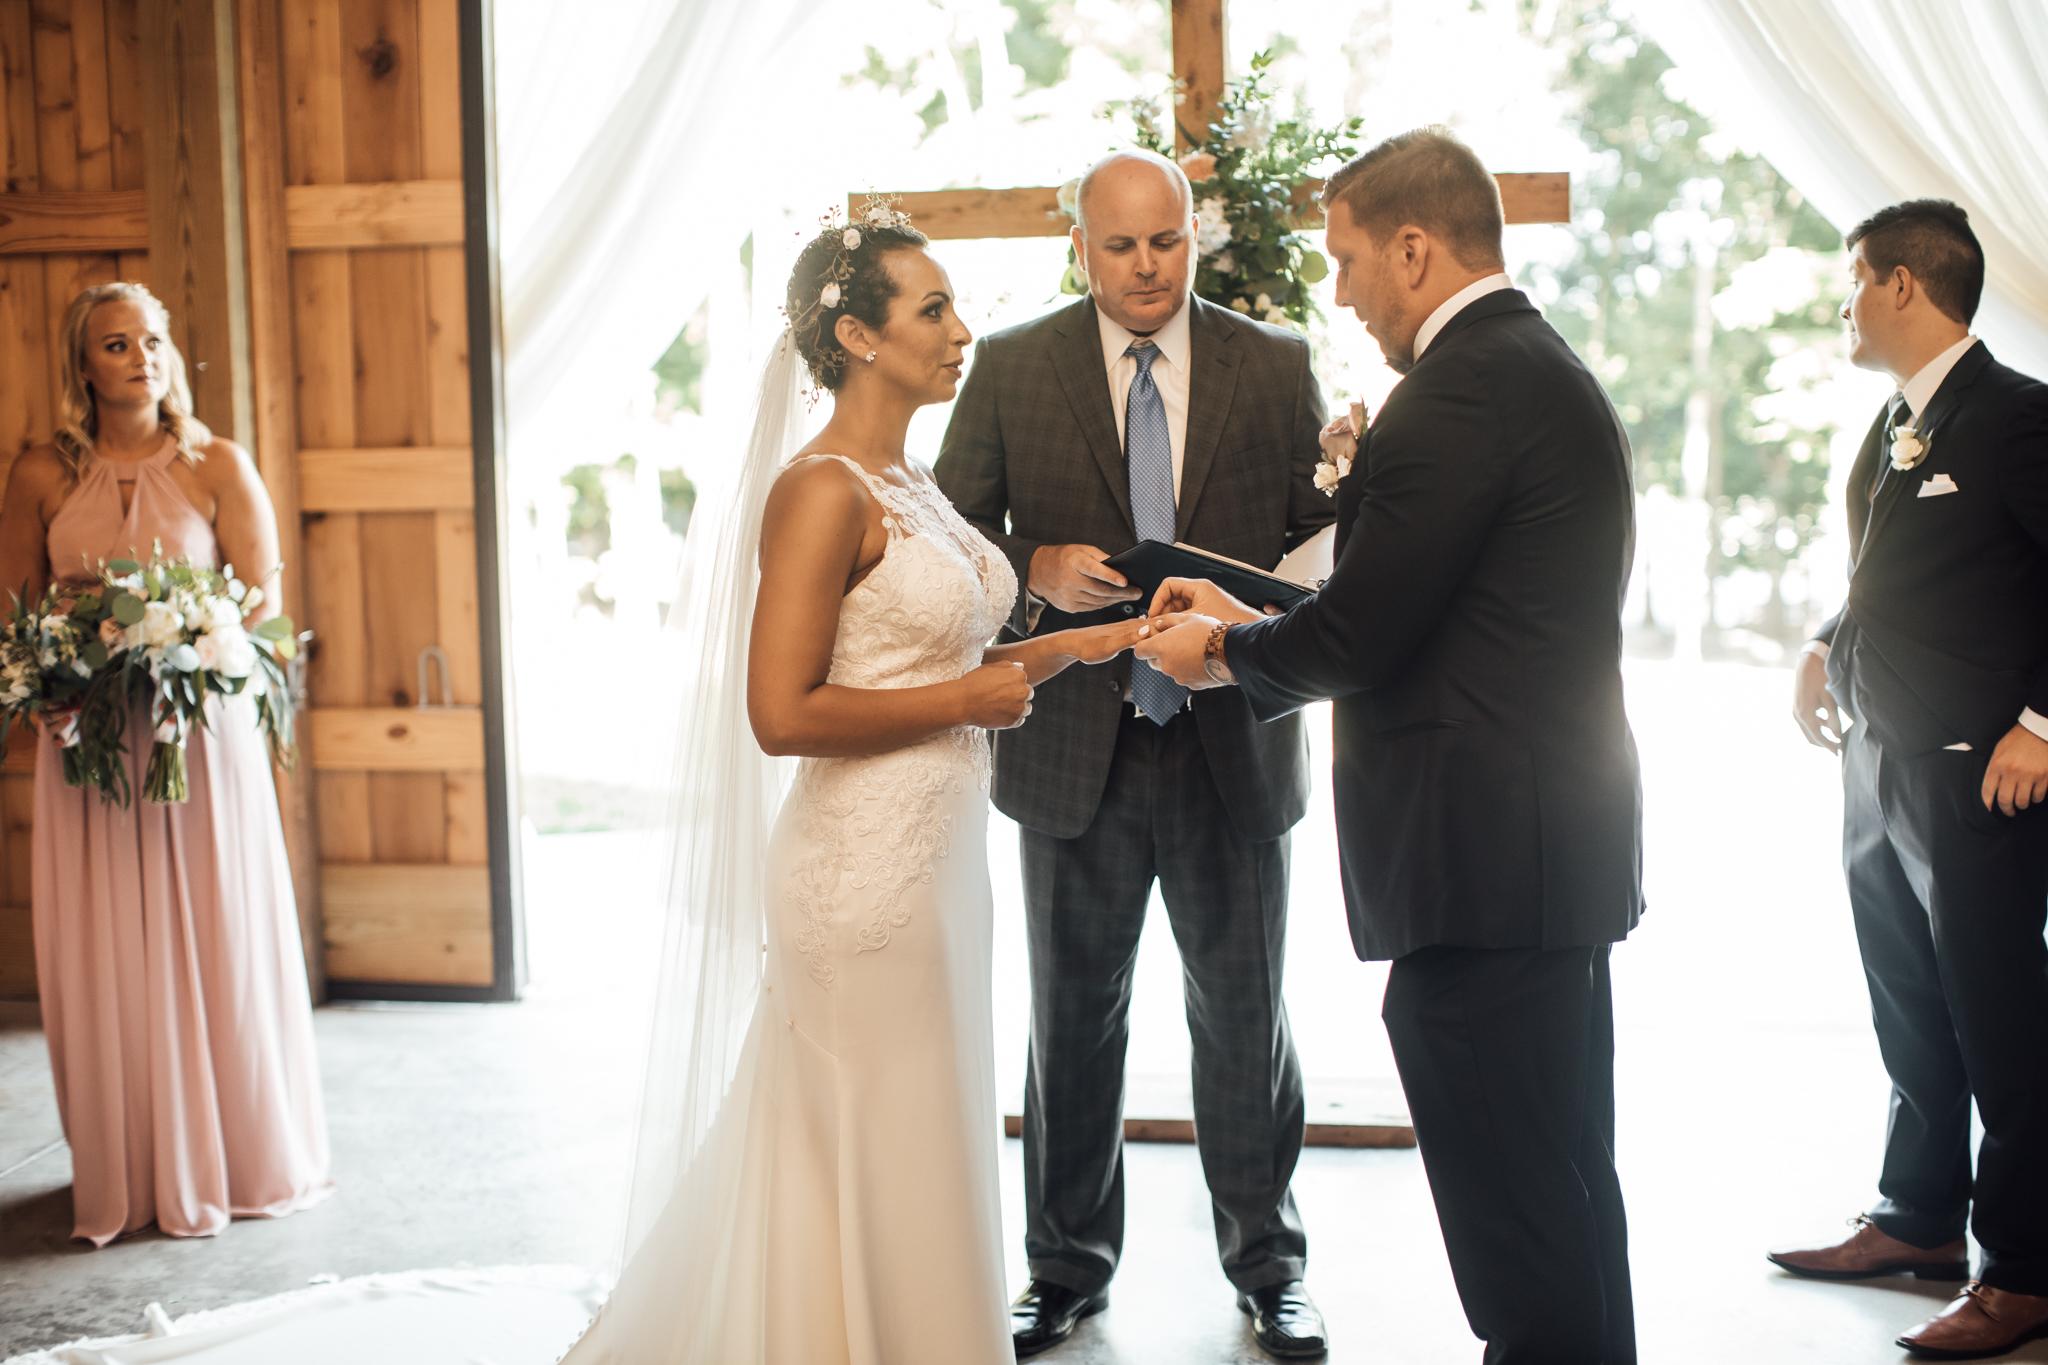 saddlewoodsfarms-nashville-wedding-photographer-thewarmtharoundyou-rustic-wedding (35 of 251).jpg